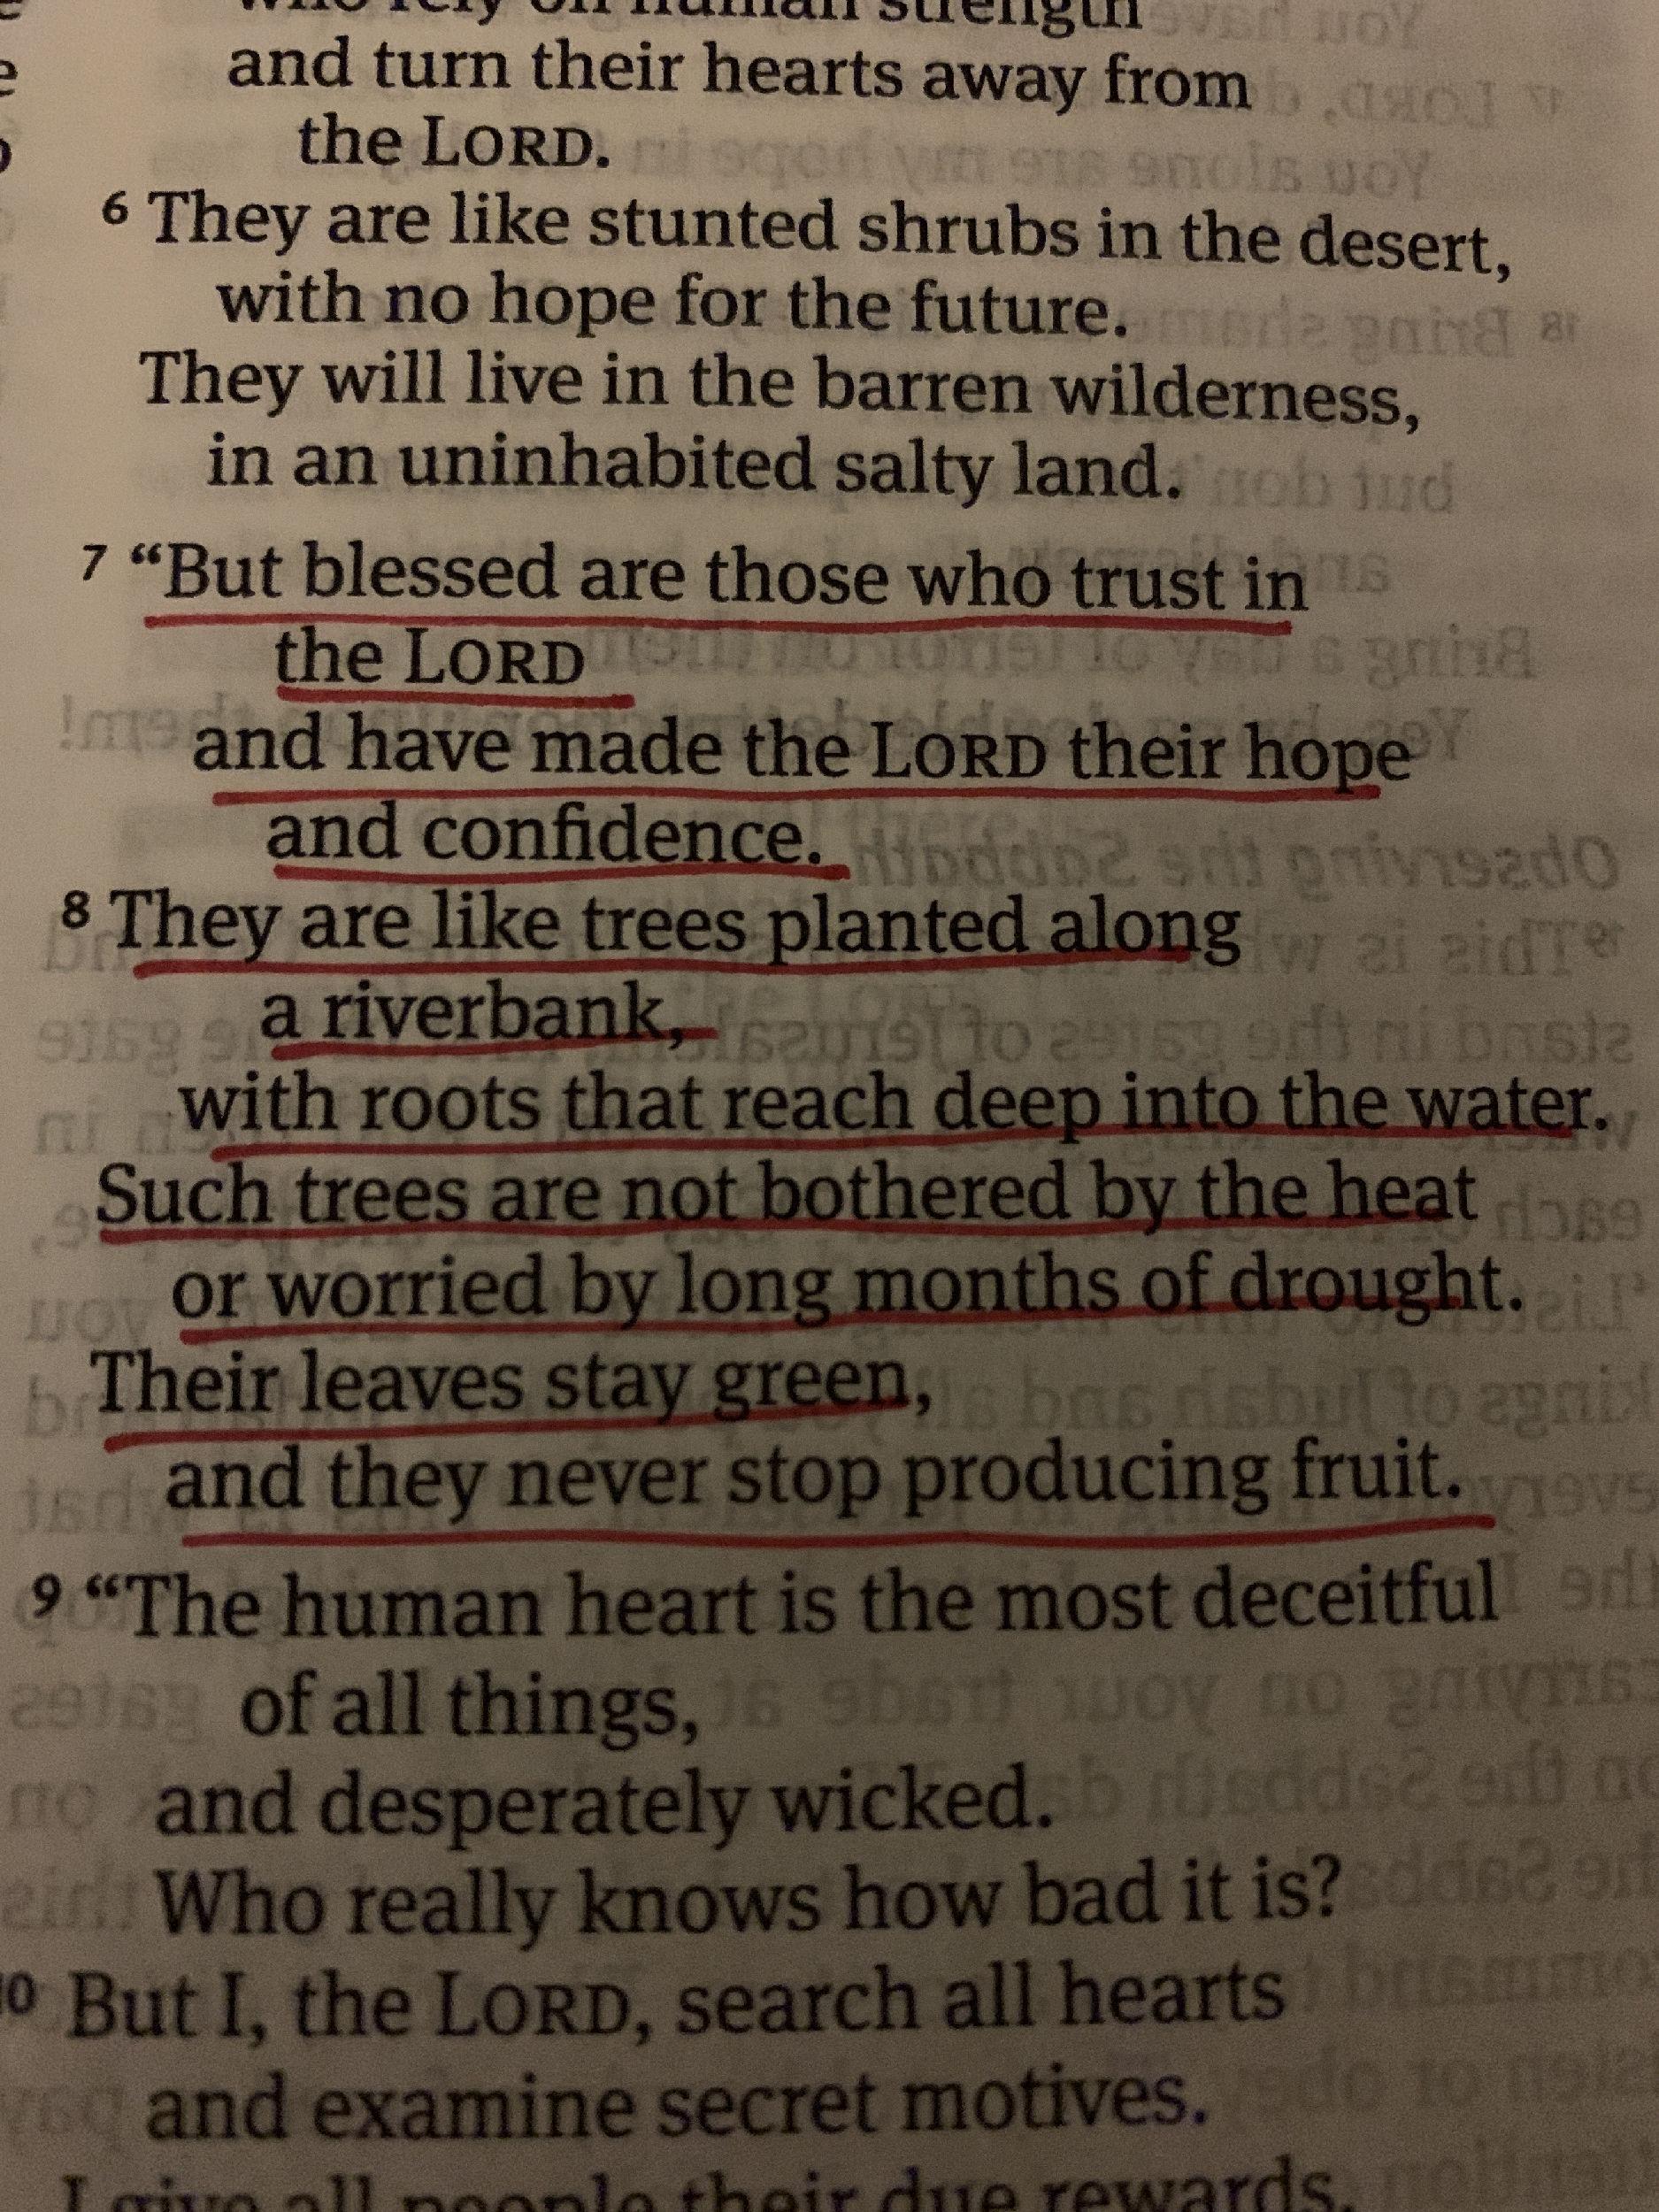 Jeremiah 17:7-8, NLT